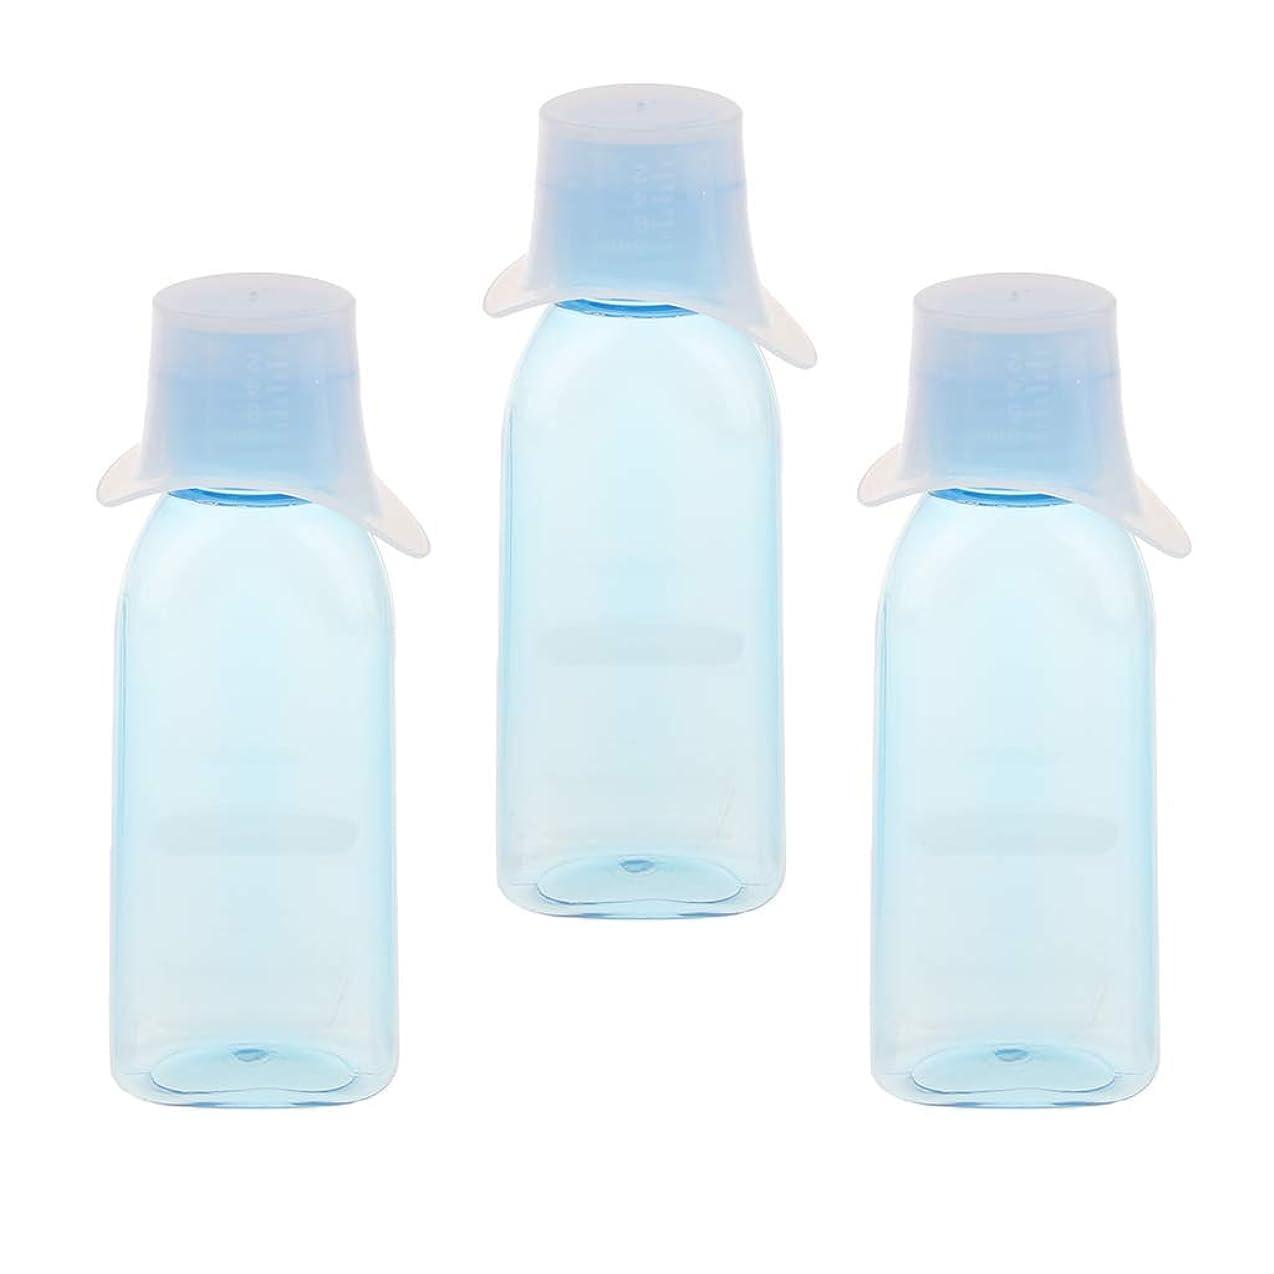 成果ボーダーに応じてD DOLITY 3本 アイウォッシュカップ 洗眼容器 プラスチックボトル 漏れ防止 詰替えボトル